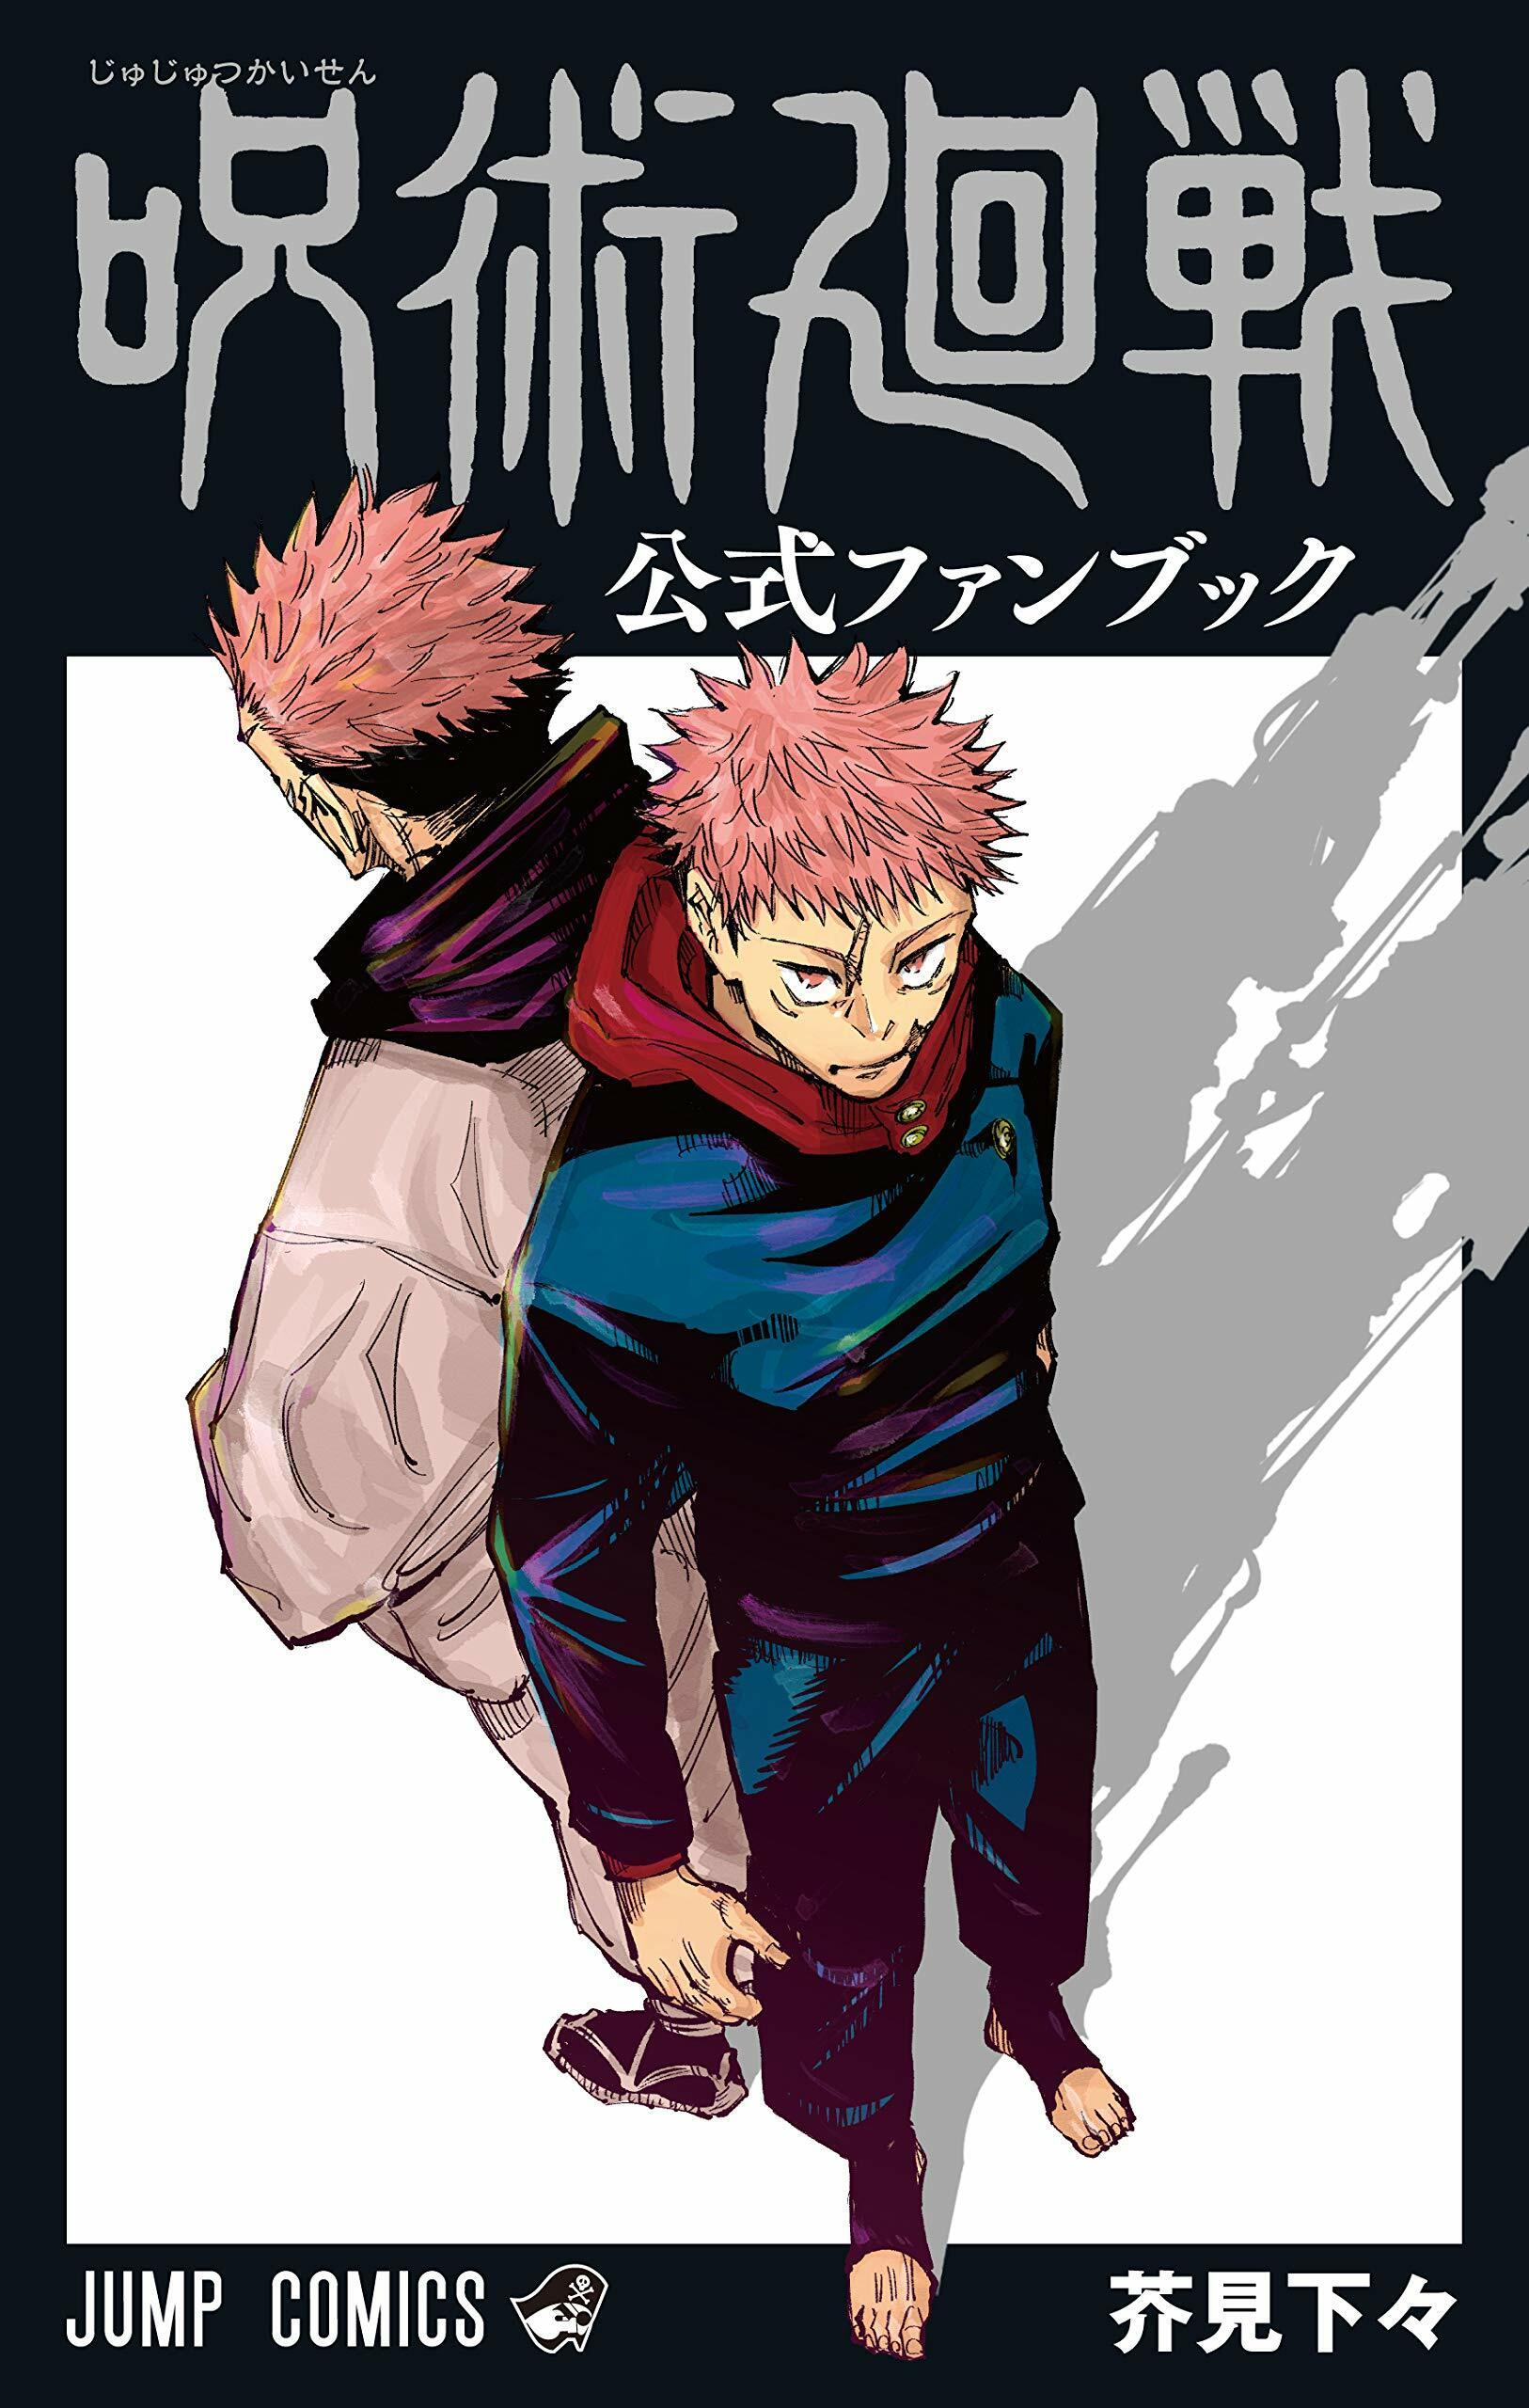 呪術廻戰 公式ファンブック (ジャンプコミックス)